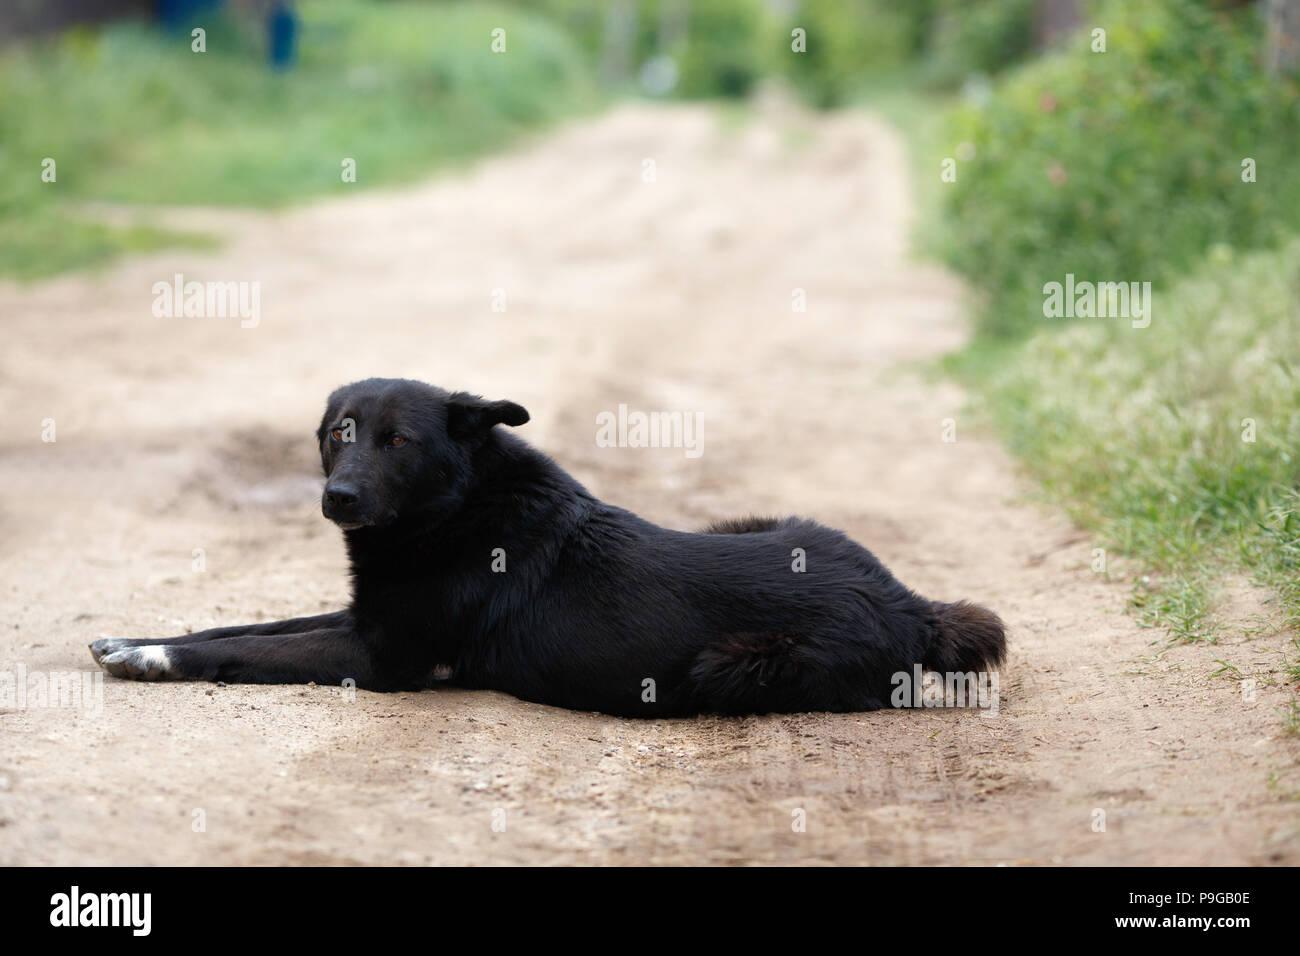 Großer schwarzer nasser Schwanz